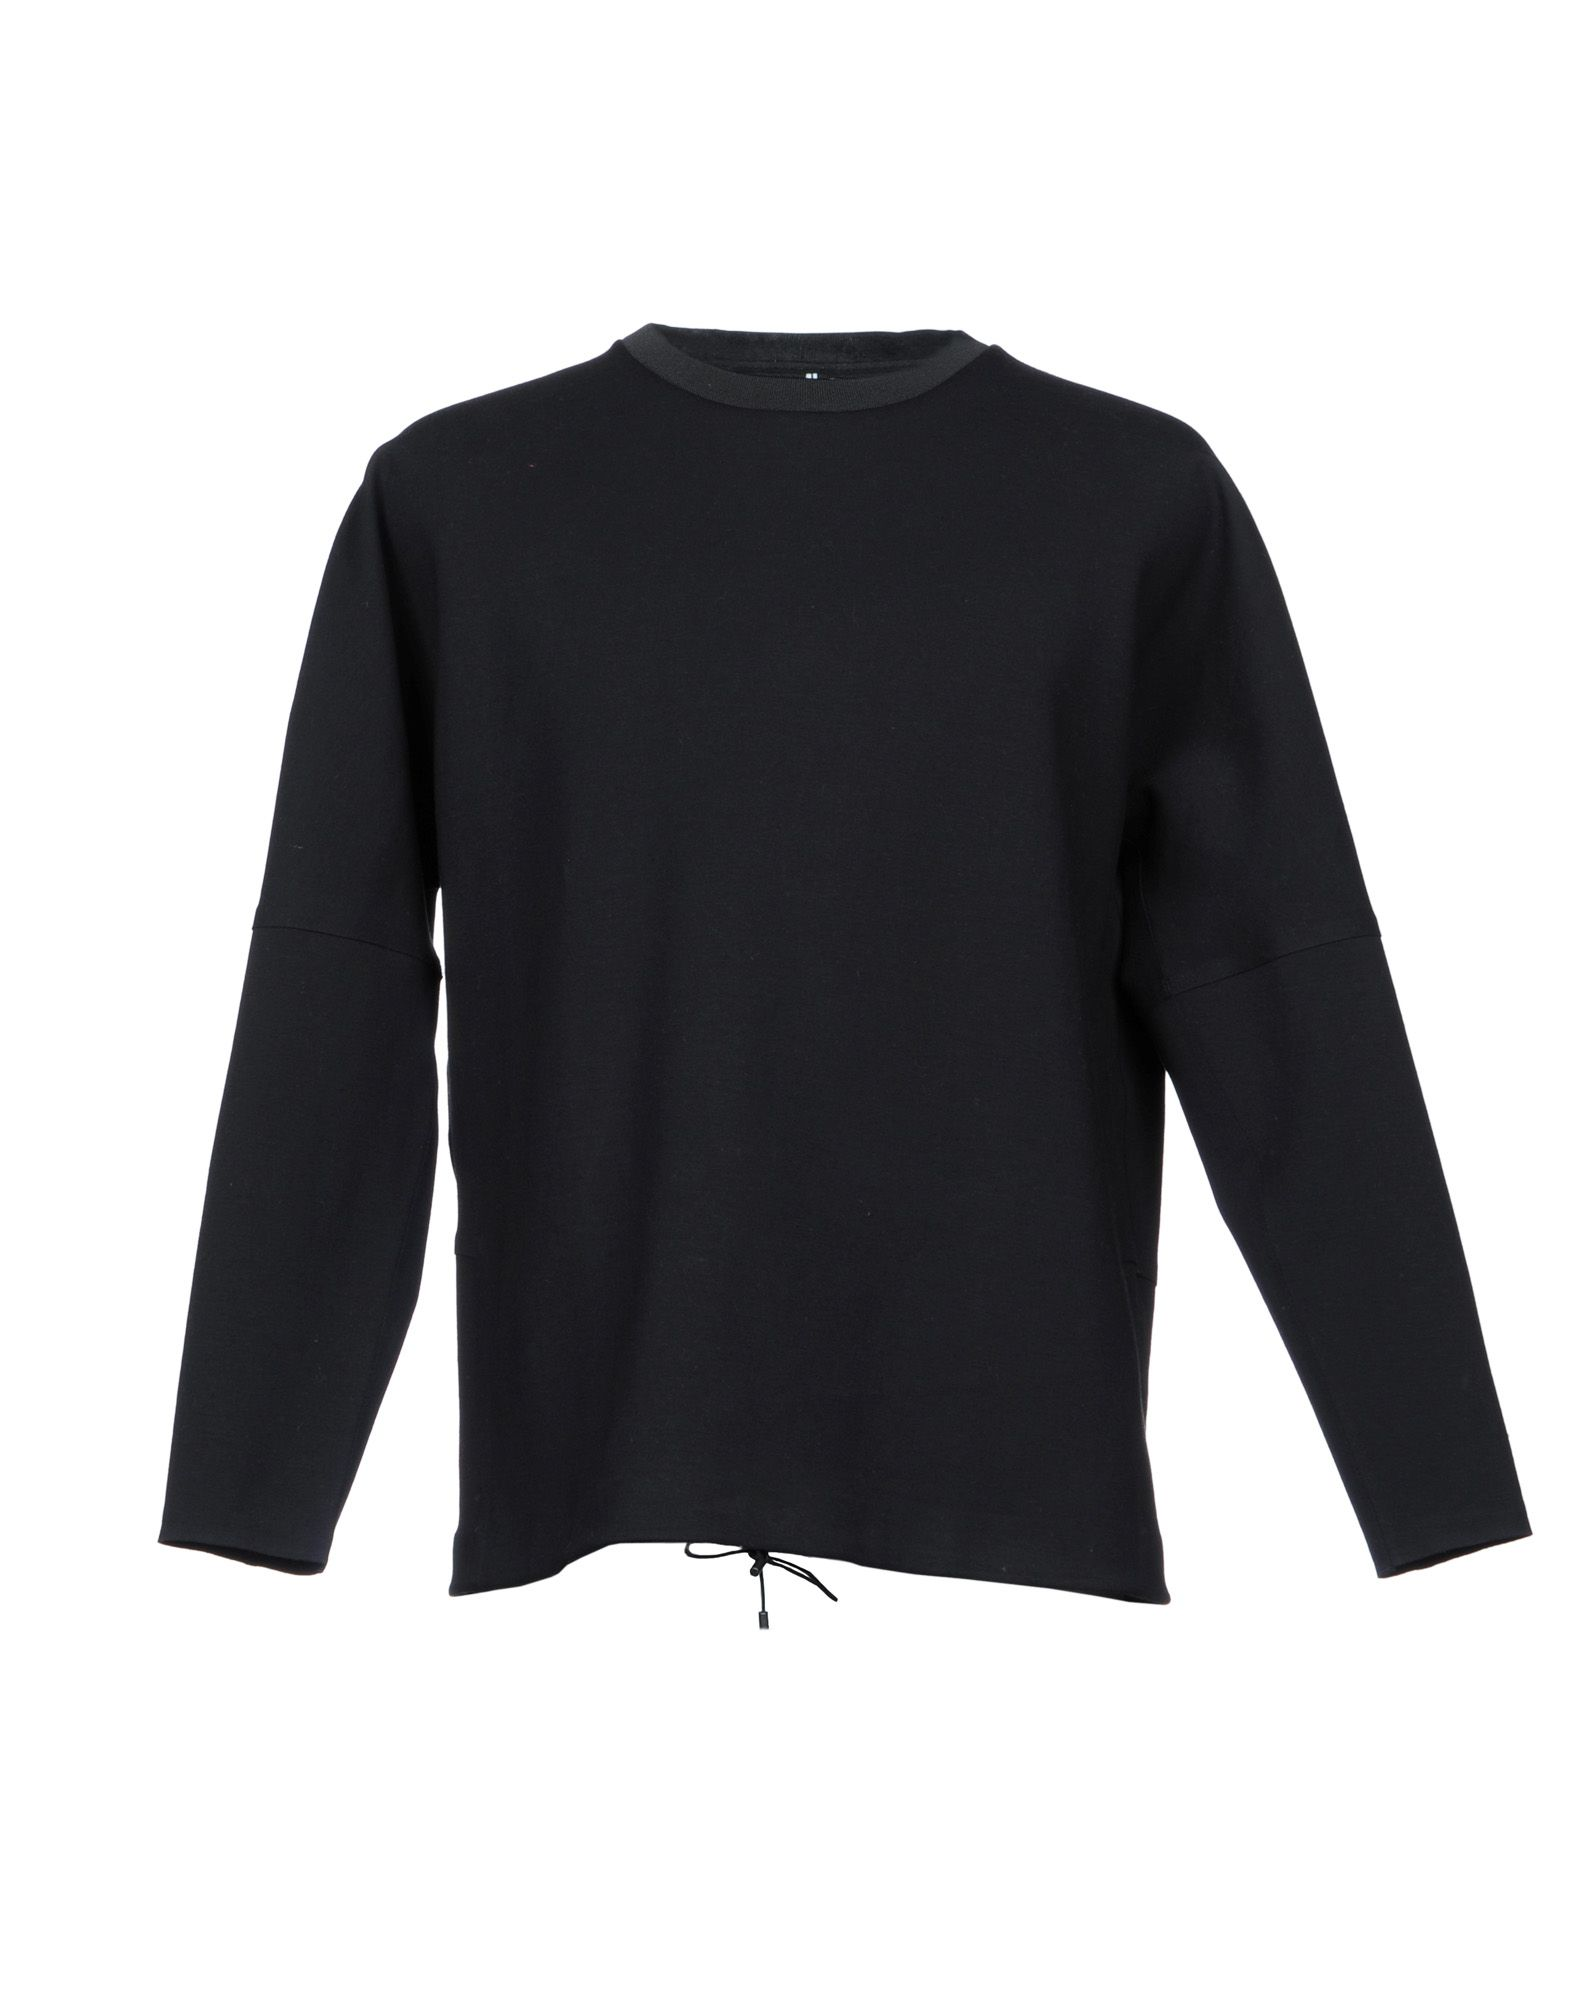 OAMC Herren Sweatshirt Farbe Schwarz Größe 6 jetztbilligerkaufen